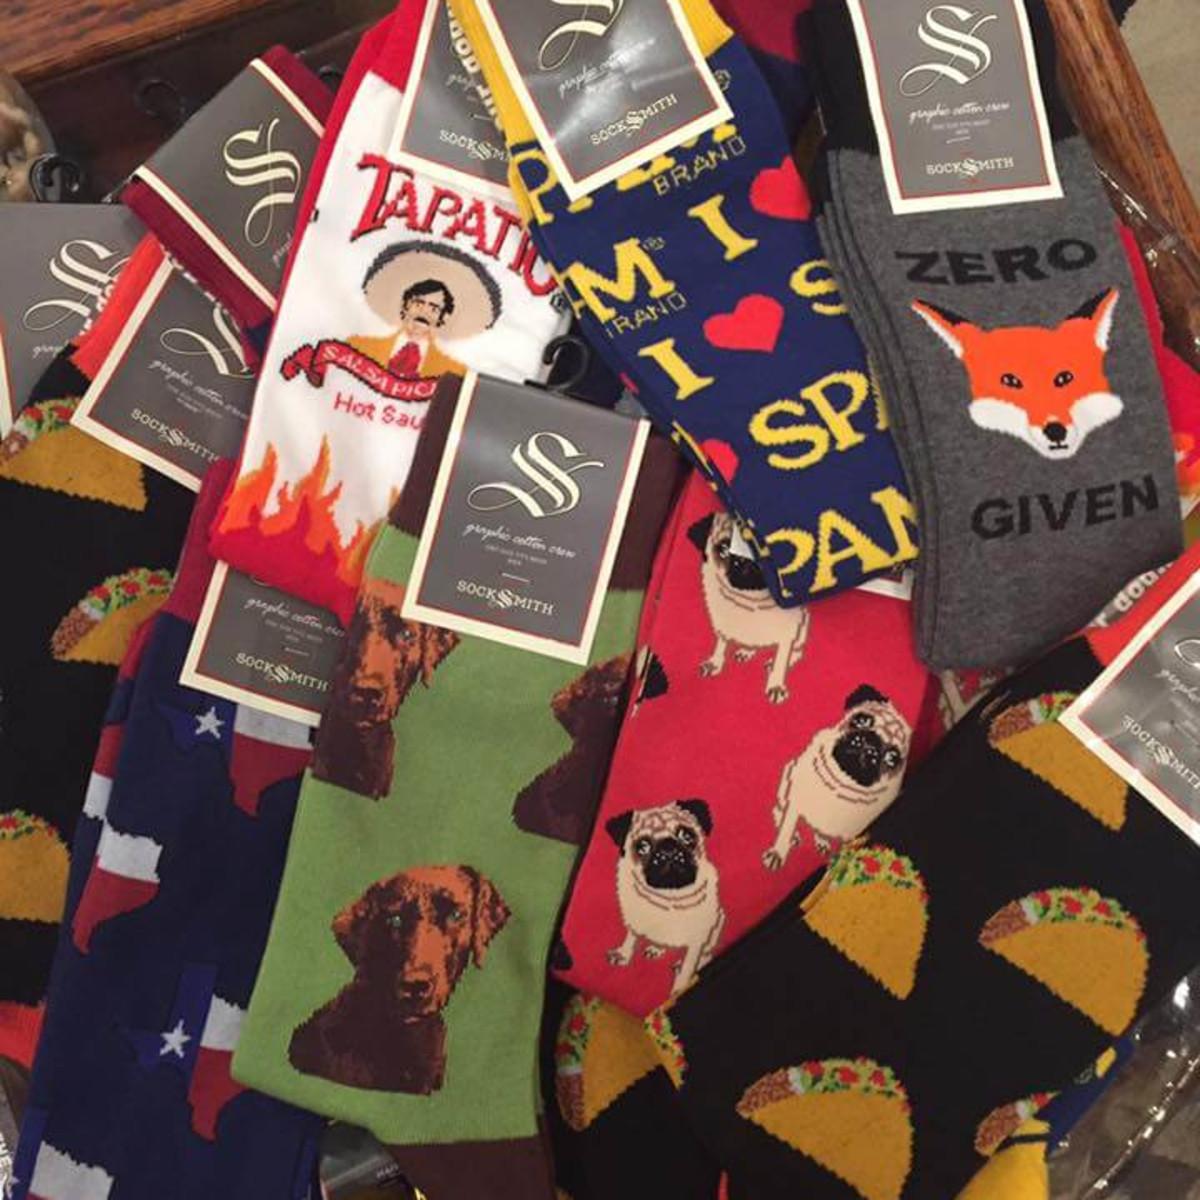 Coyote men's socks